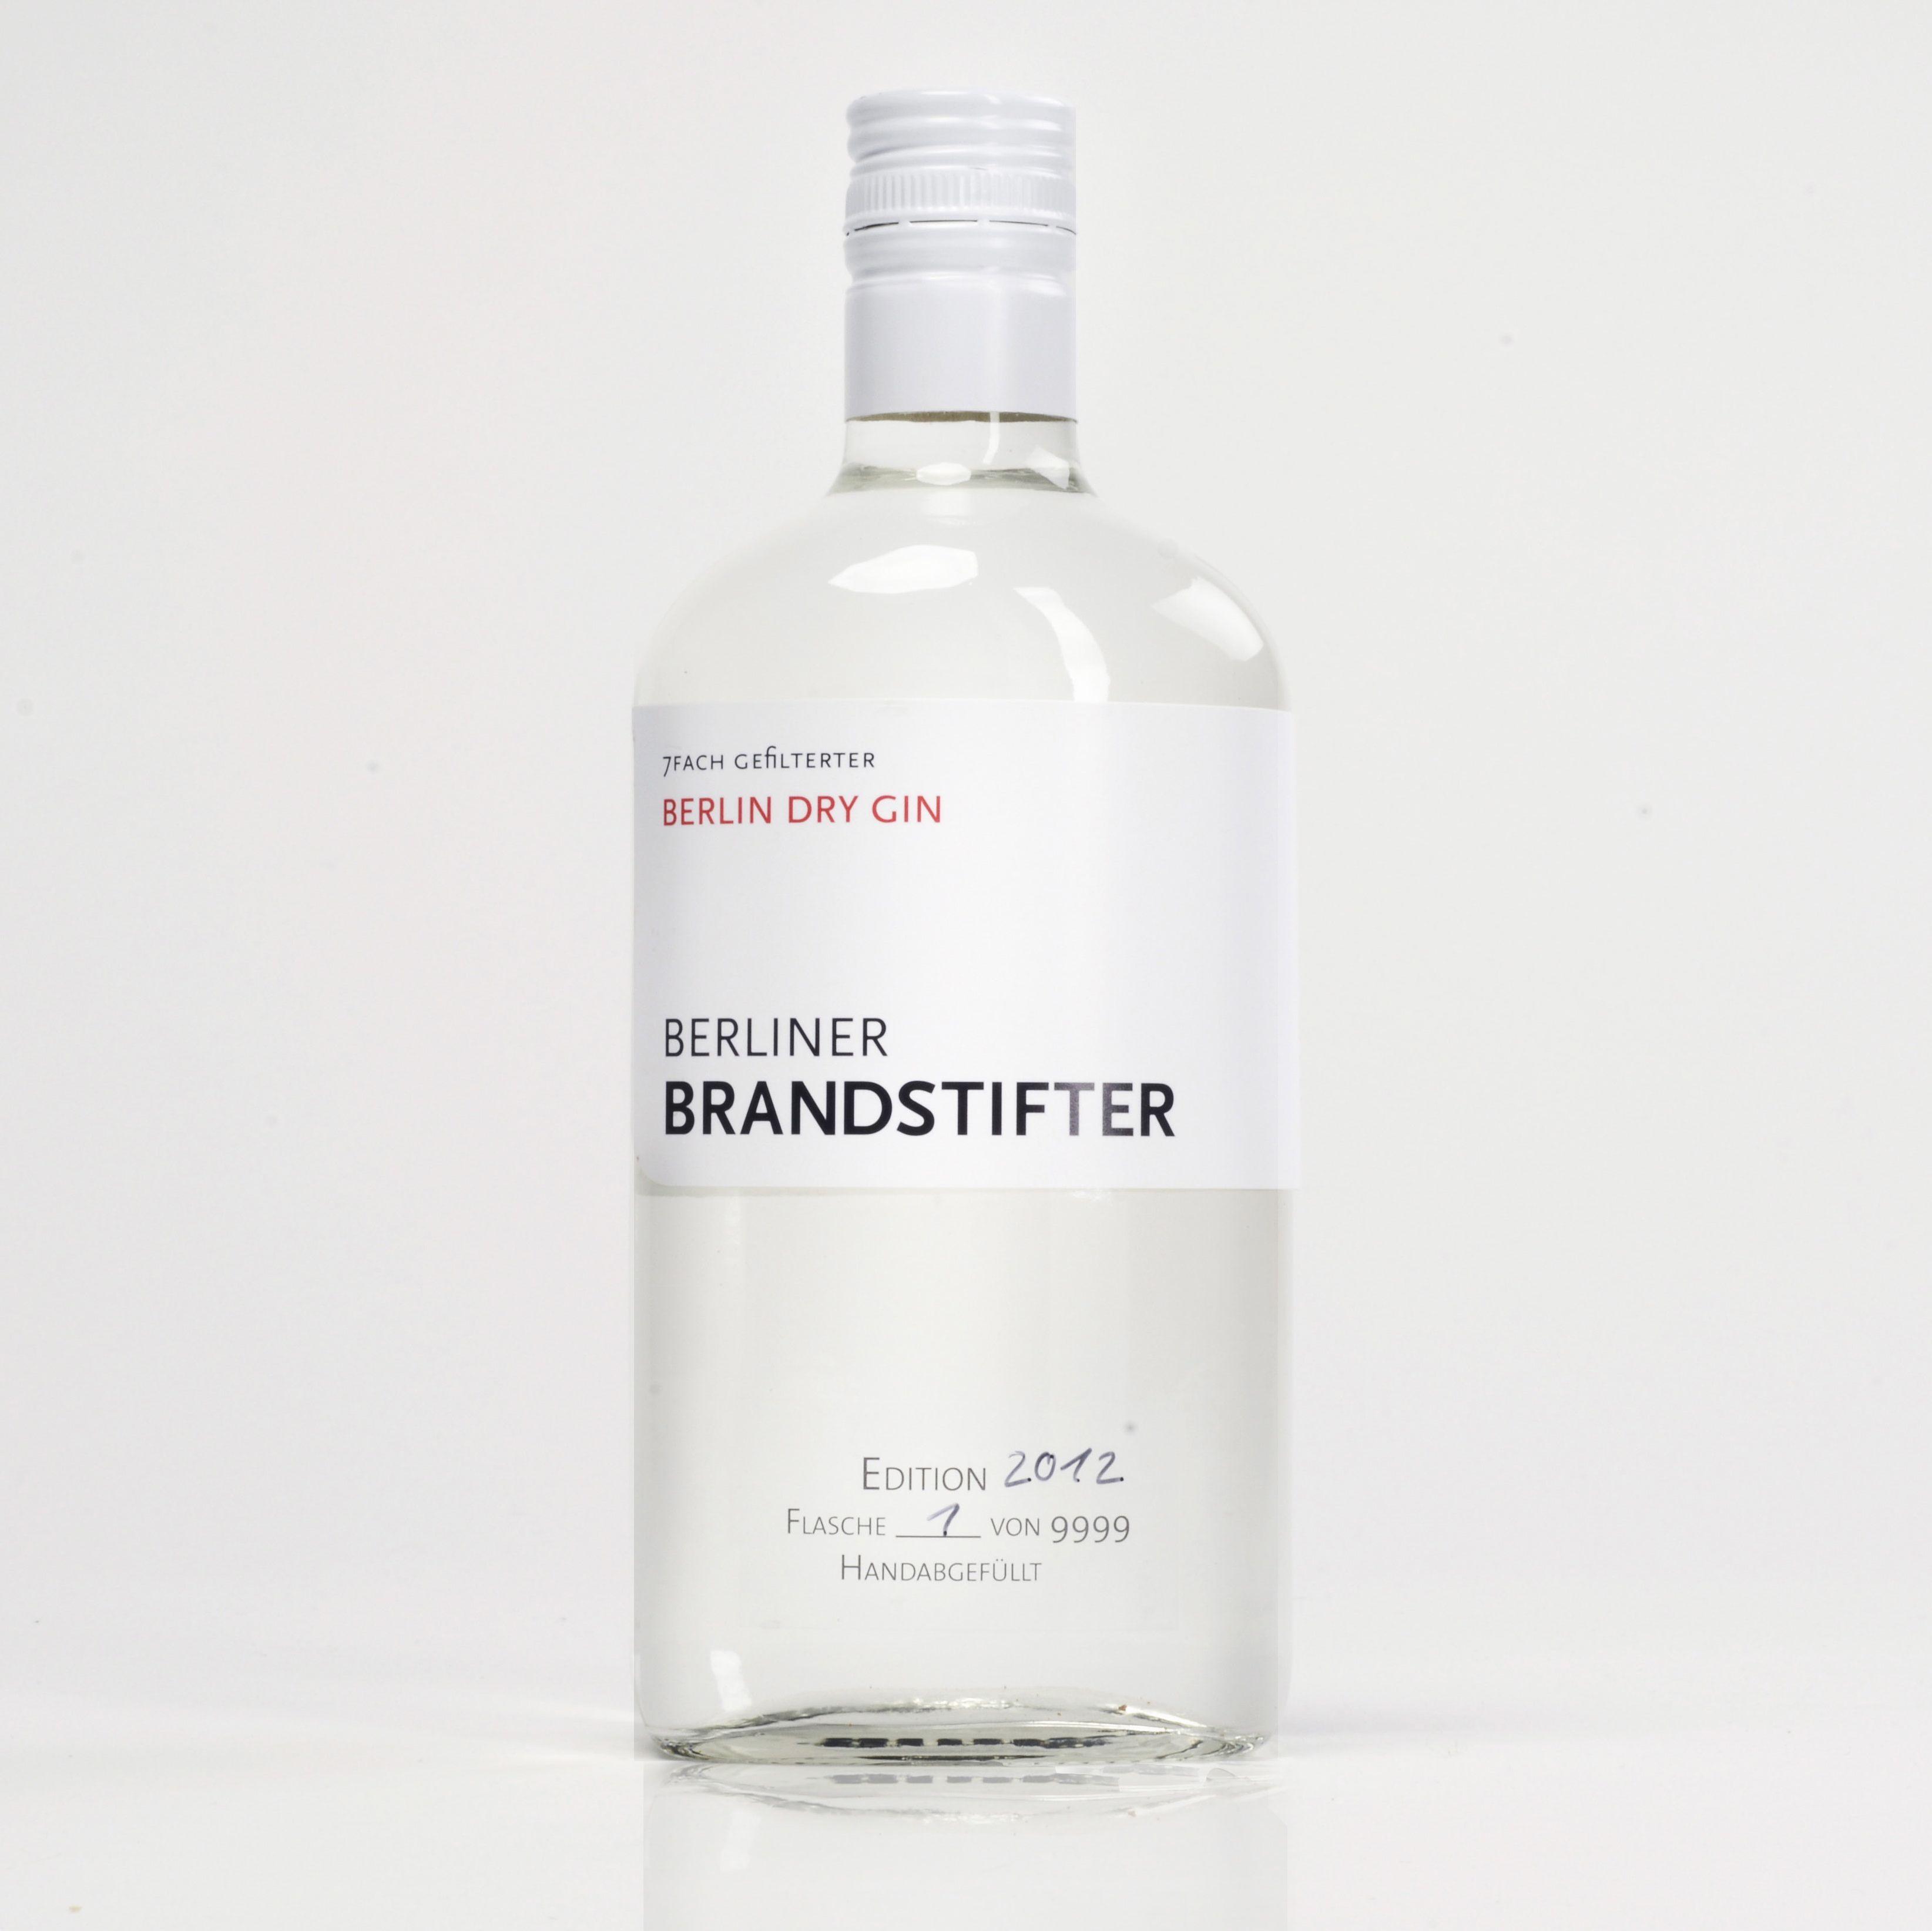 Berliner-Brandstifter-Berlin-Dry-Gin